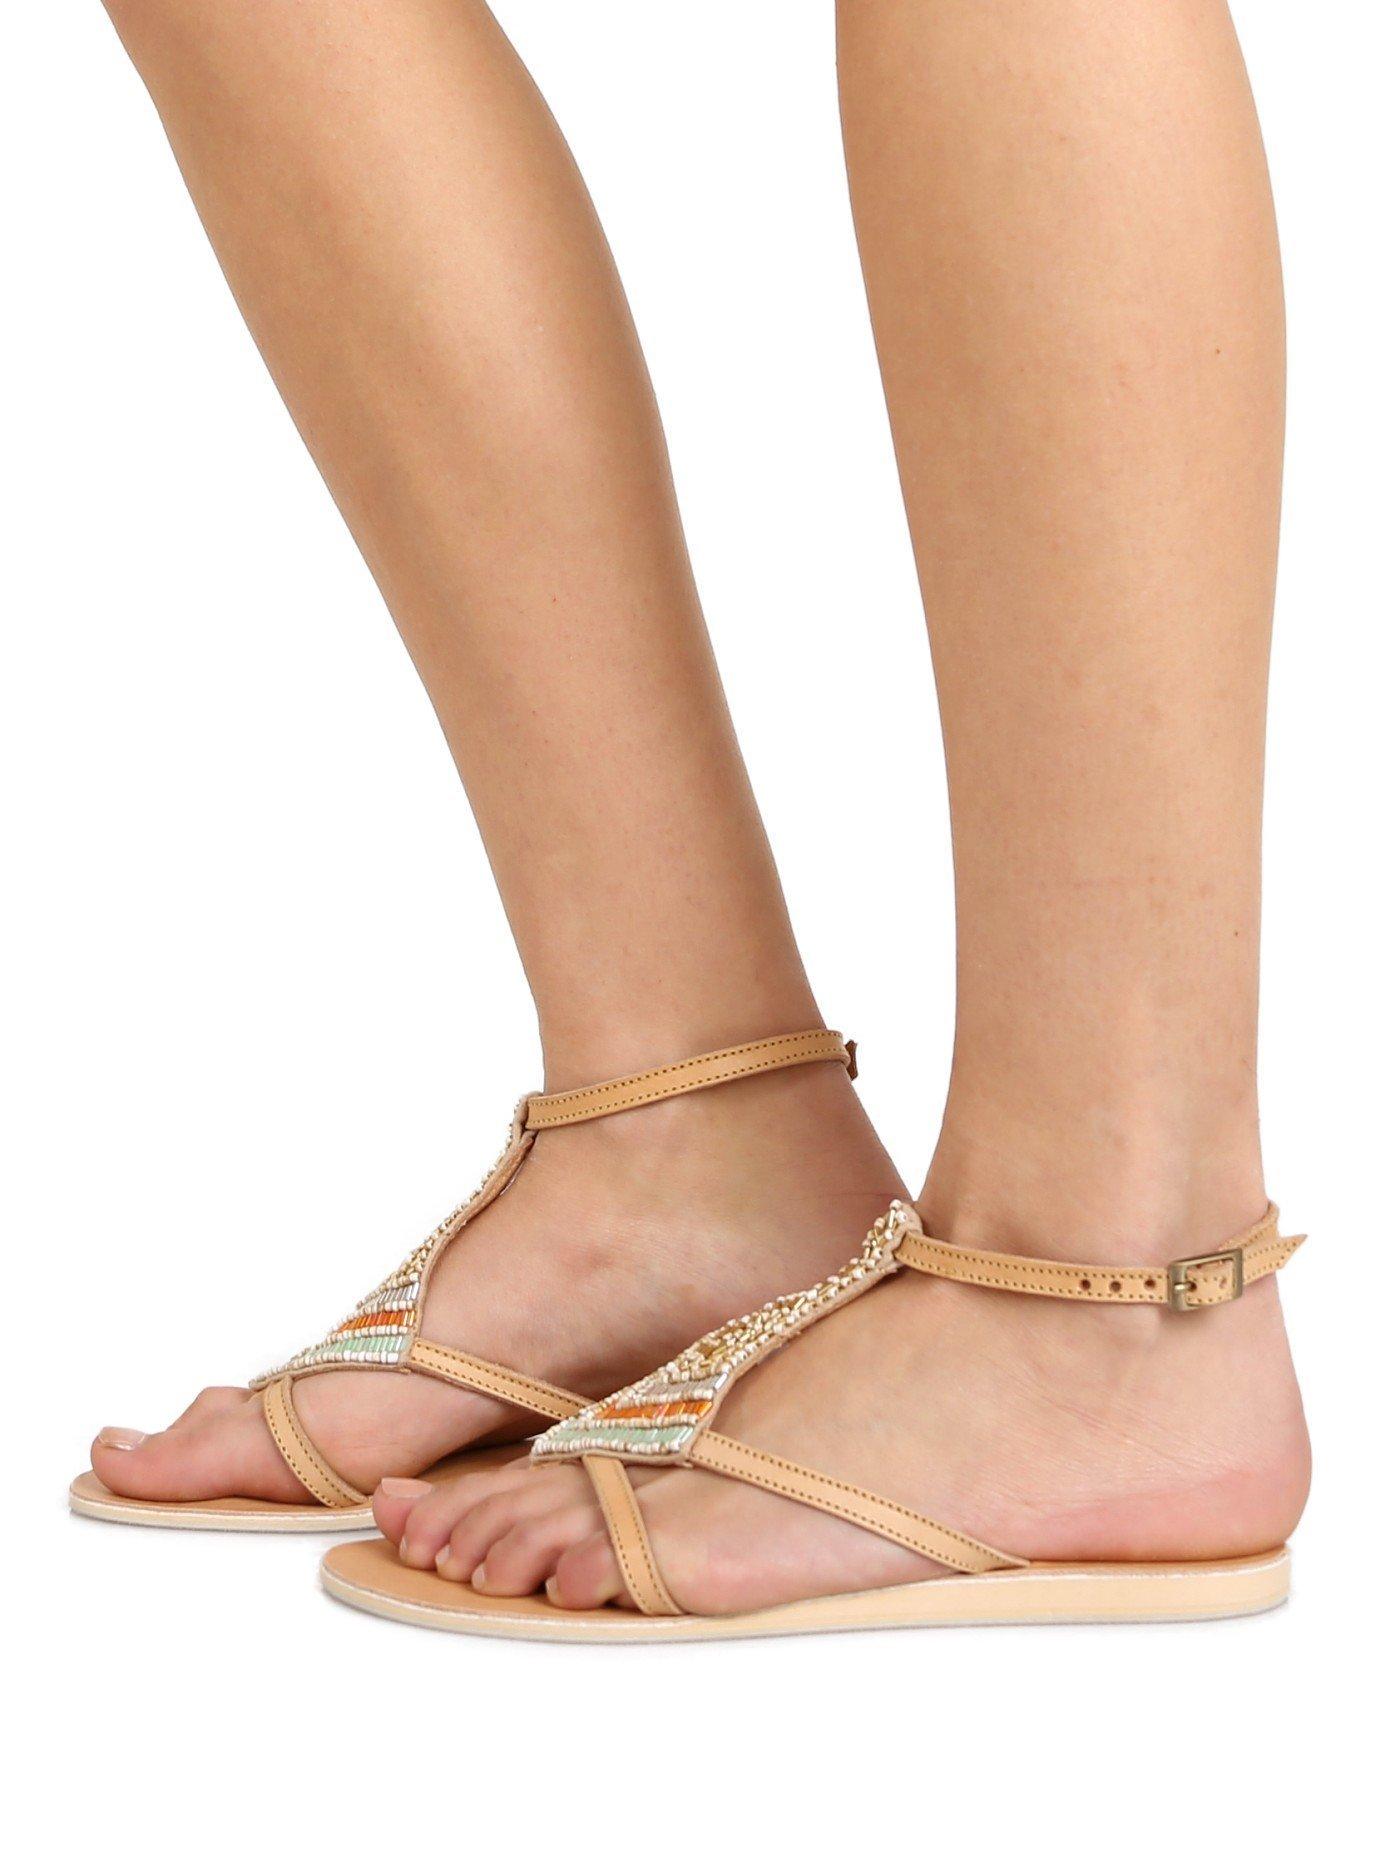 Cocobelle Women's Arrow Sandals, Sand, 36 EU (6.5 B(M) US Women) by Cocobelle